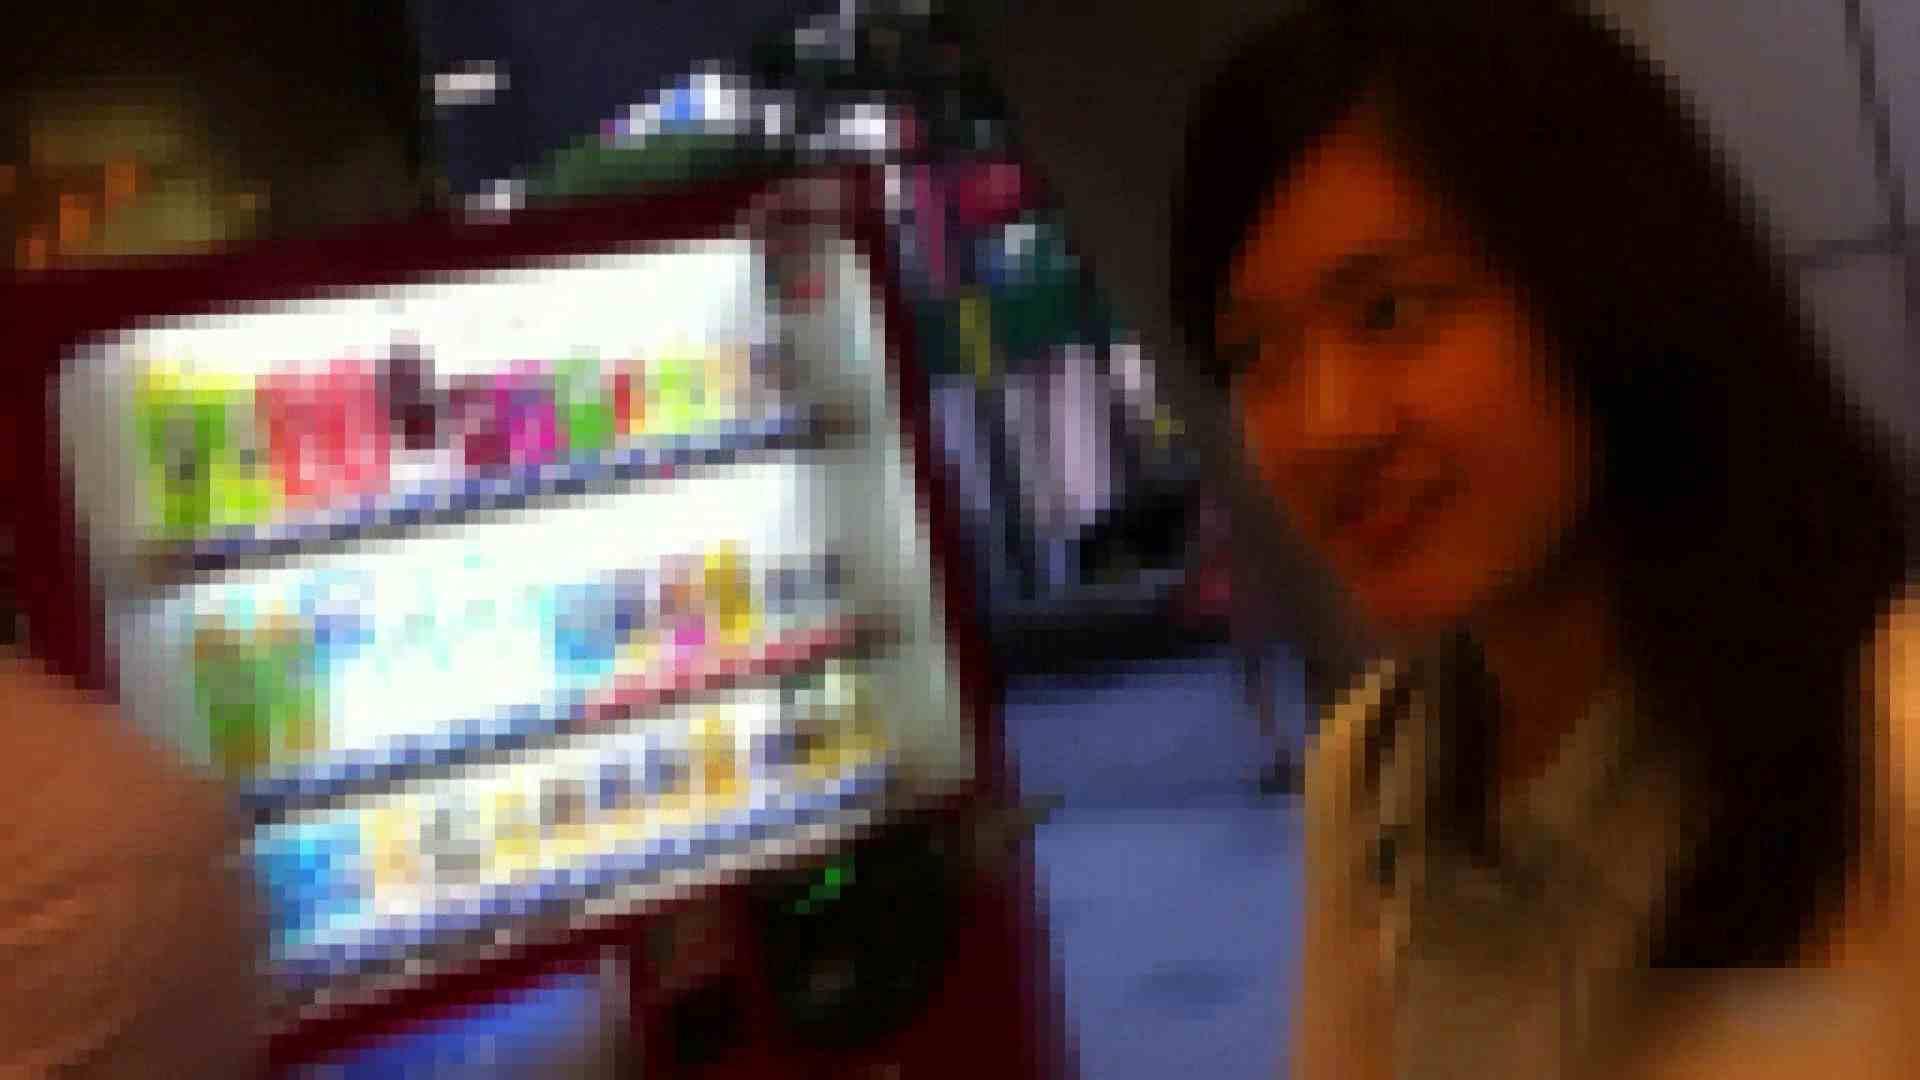 ガールズパンチラストリートビューVol.015 ギャルのエロ動画 われめAV動画紹介 58画像 34